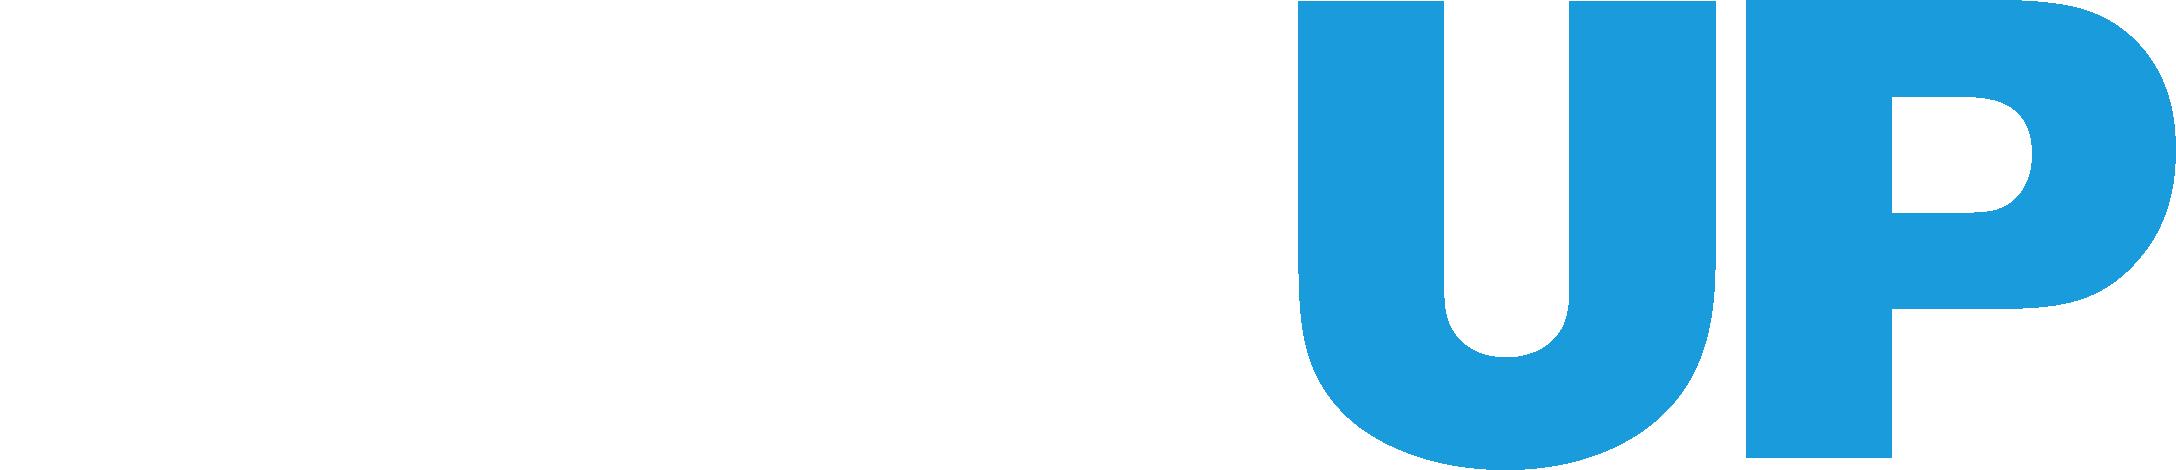 logos_BKLUP.png